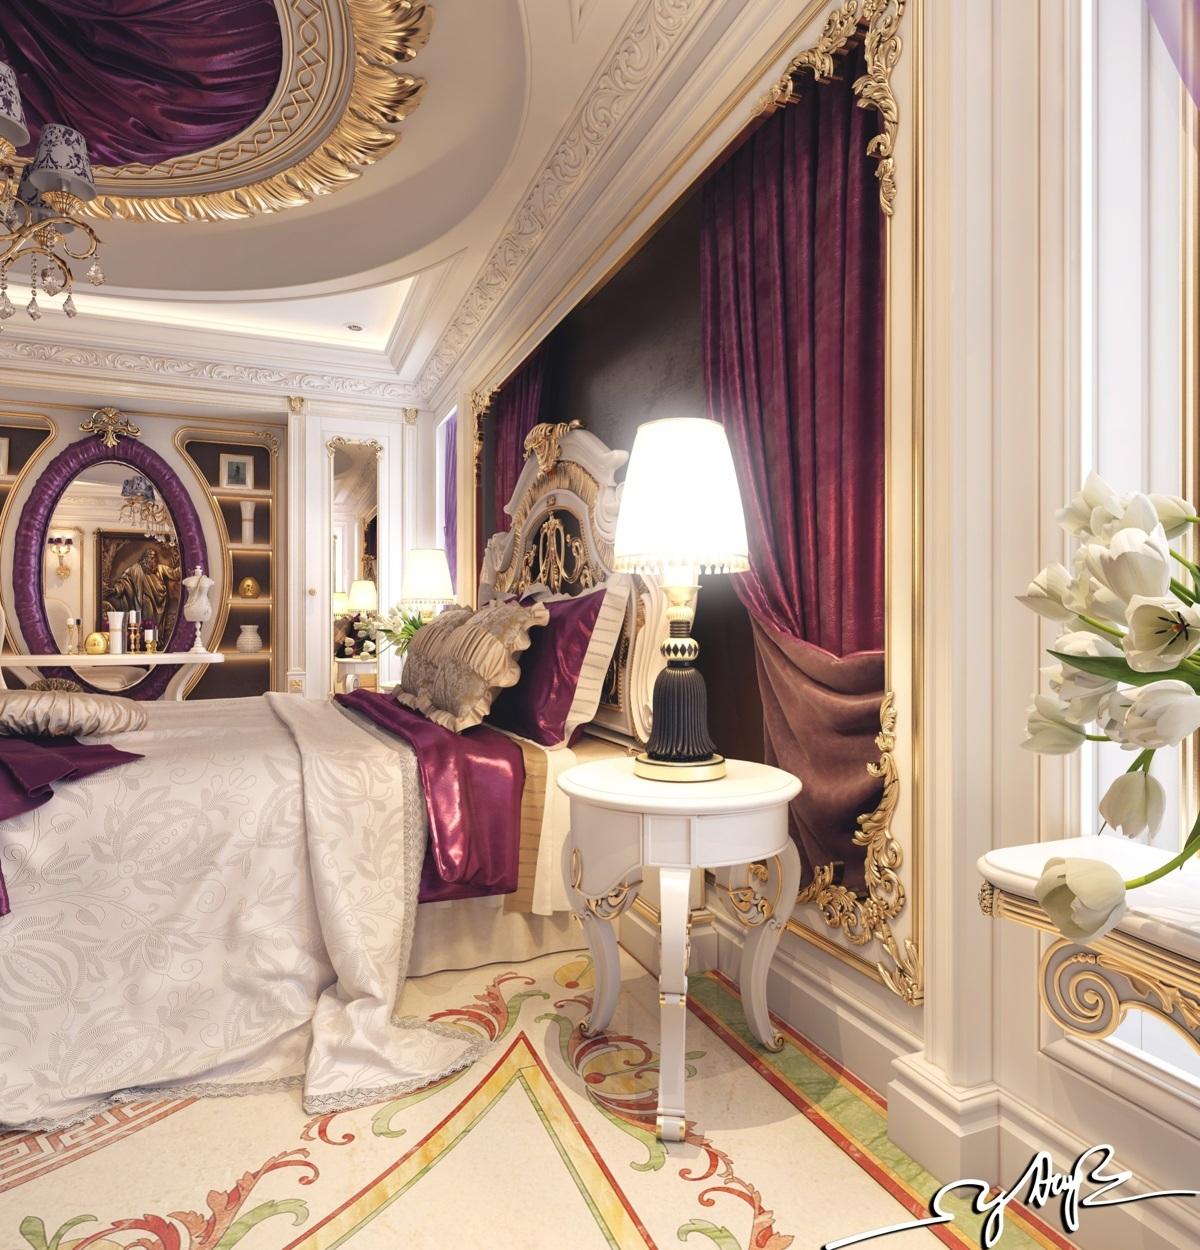 غرفة نوم كلاسيكية فخمة 4ا تصميمات غرف نوم مبهرة تليق بالقصور